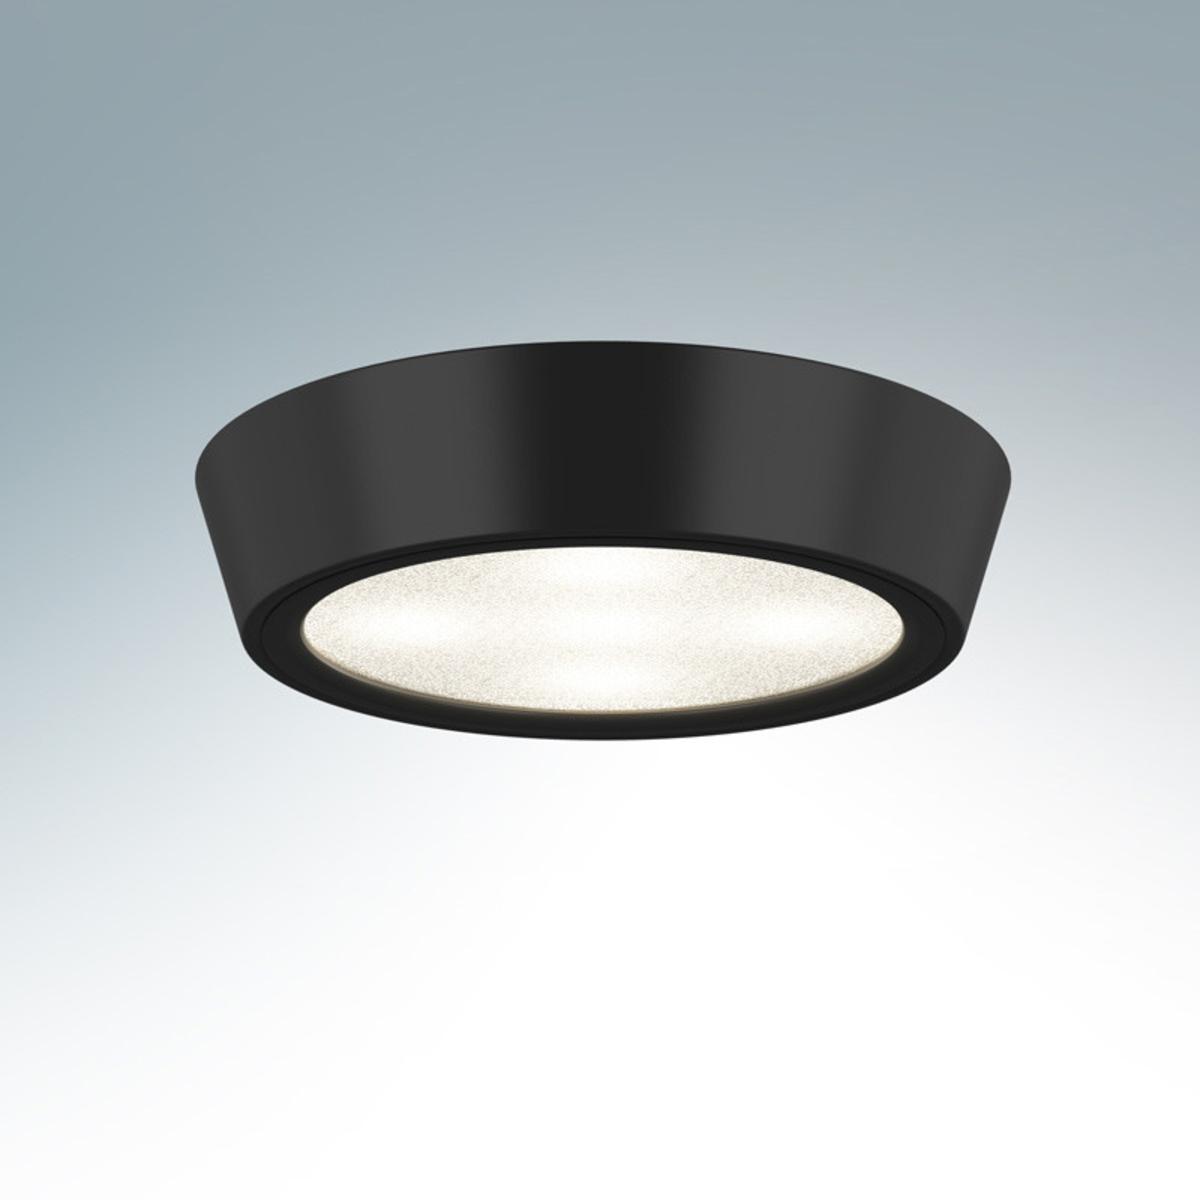 Купить Накладной светильник Urbano mini 214772, HomeMe